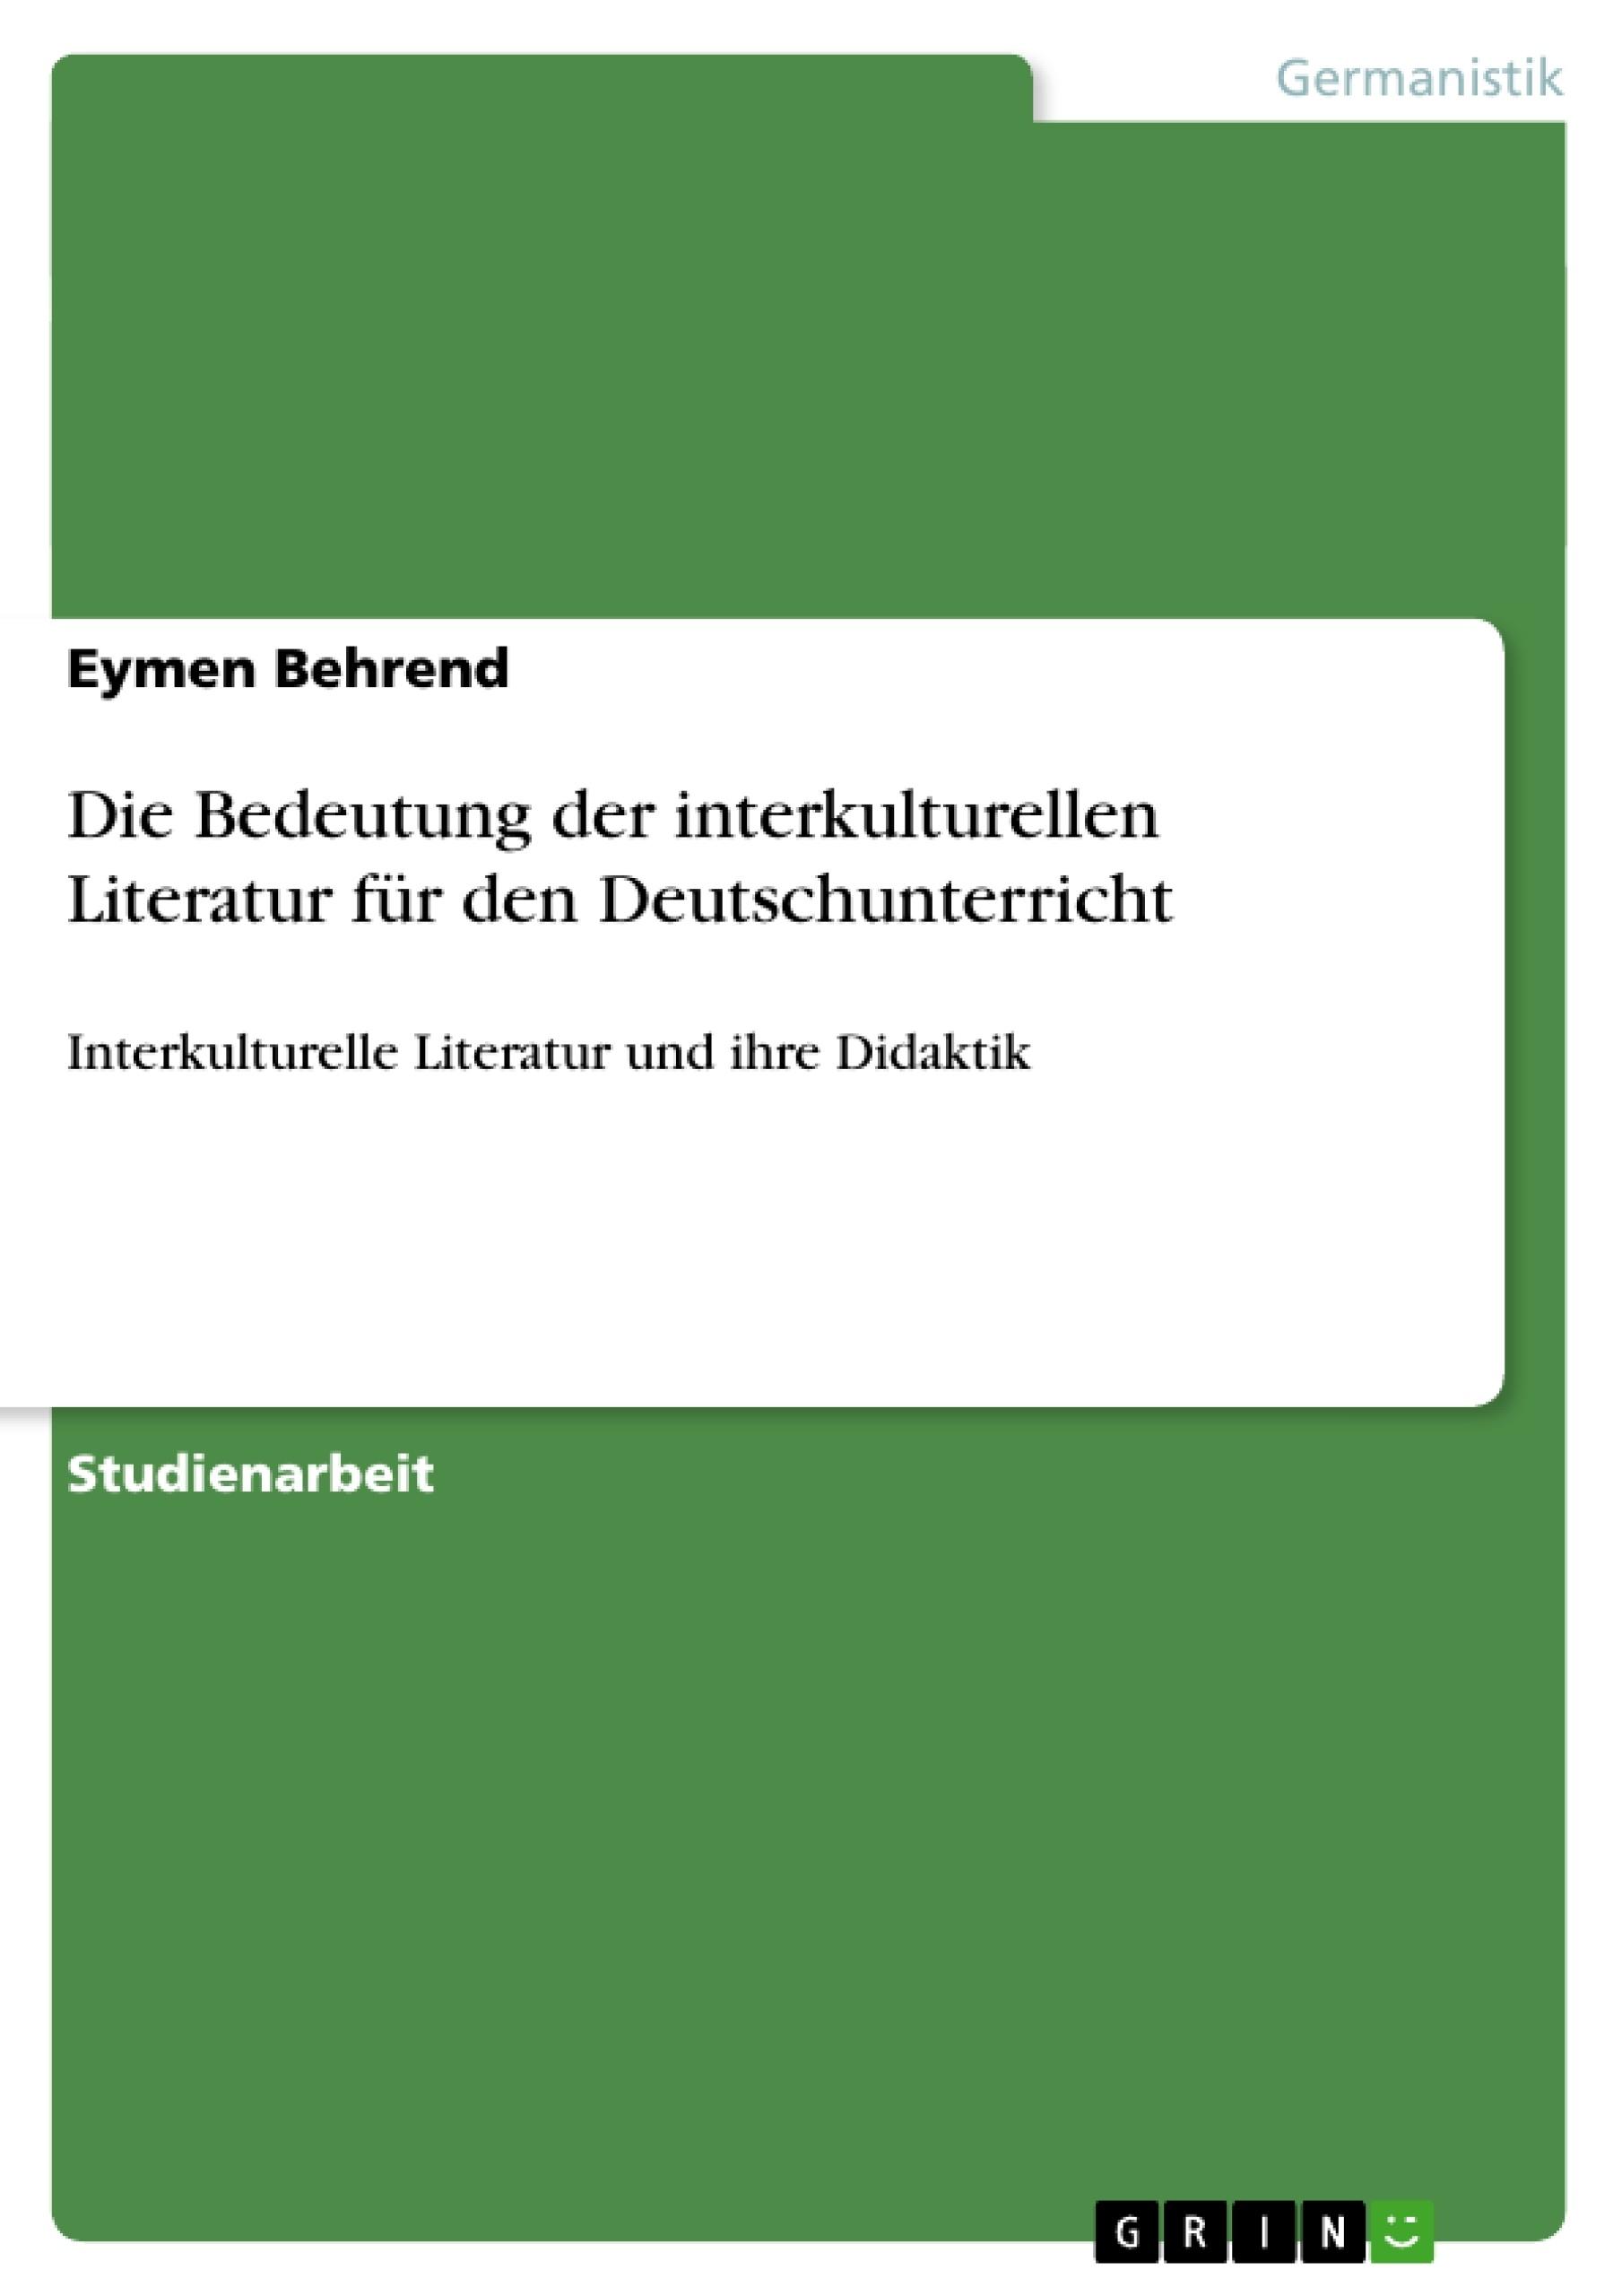 Titel: Die Bedeutung der interkulturellen Literatur für den Deutschunterricht